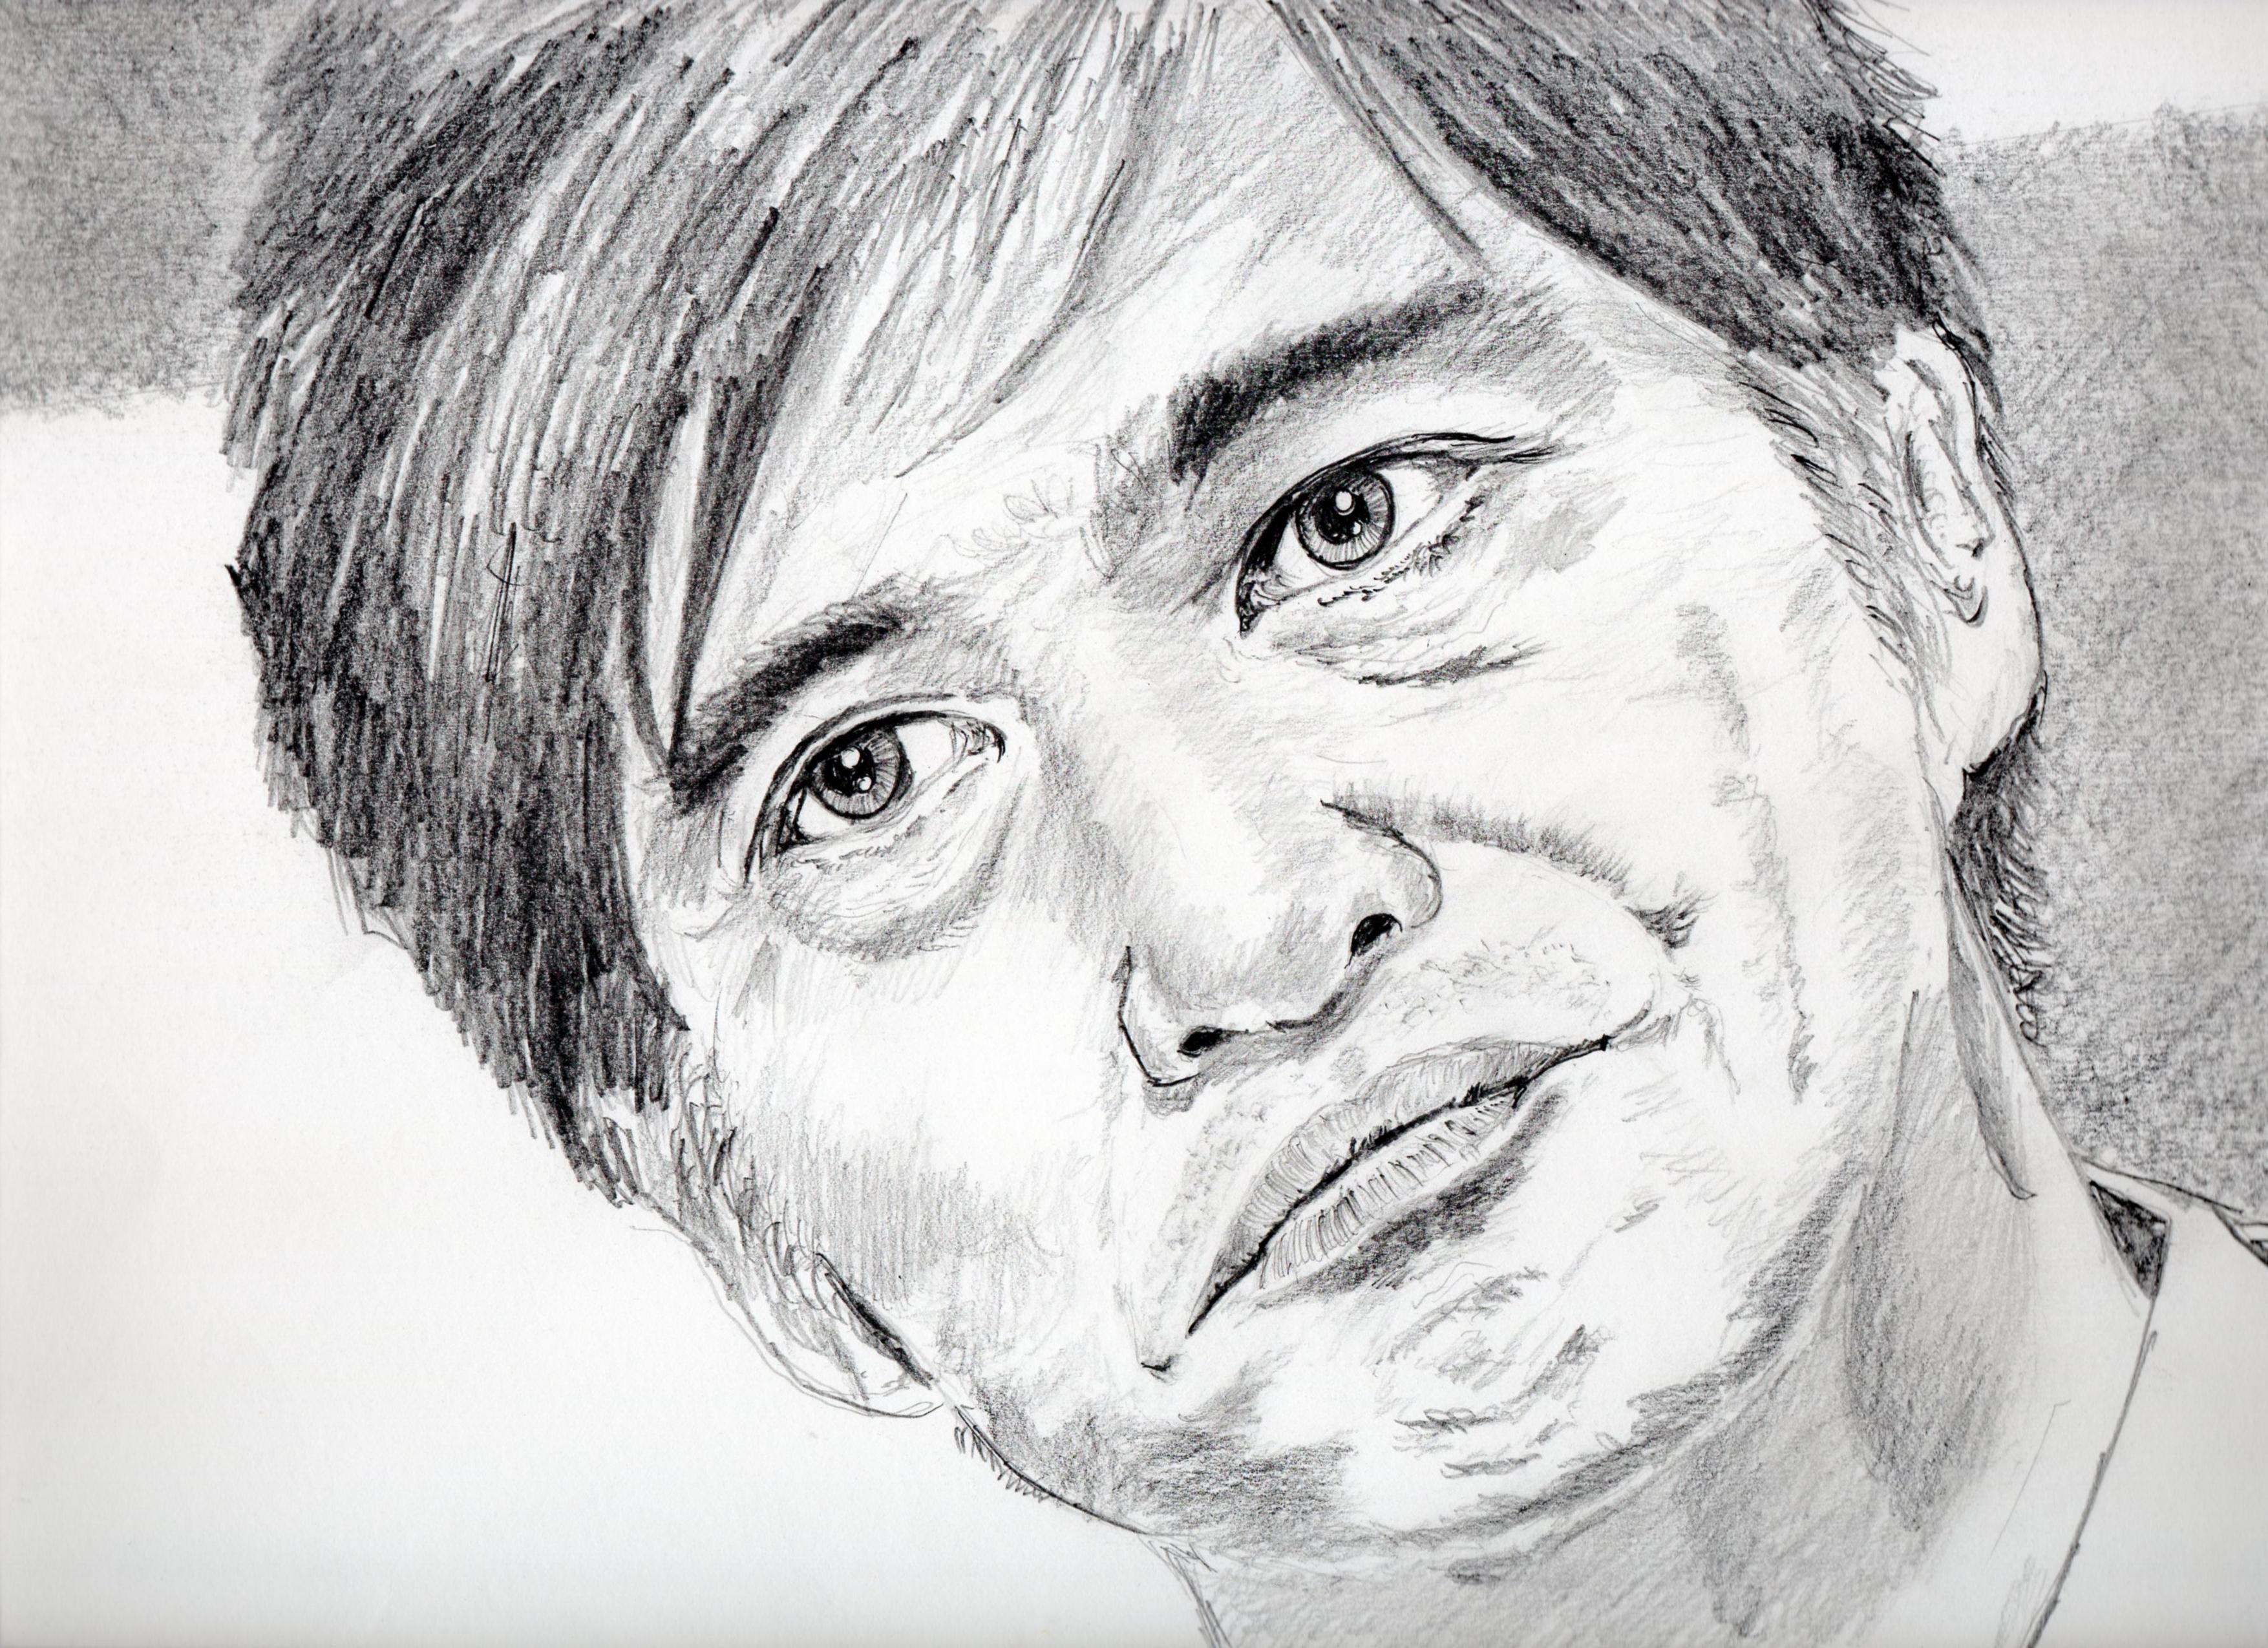 佐藤浩市の鉛筆画似顔絵